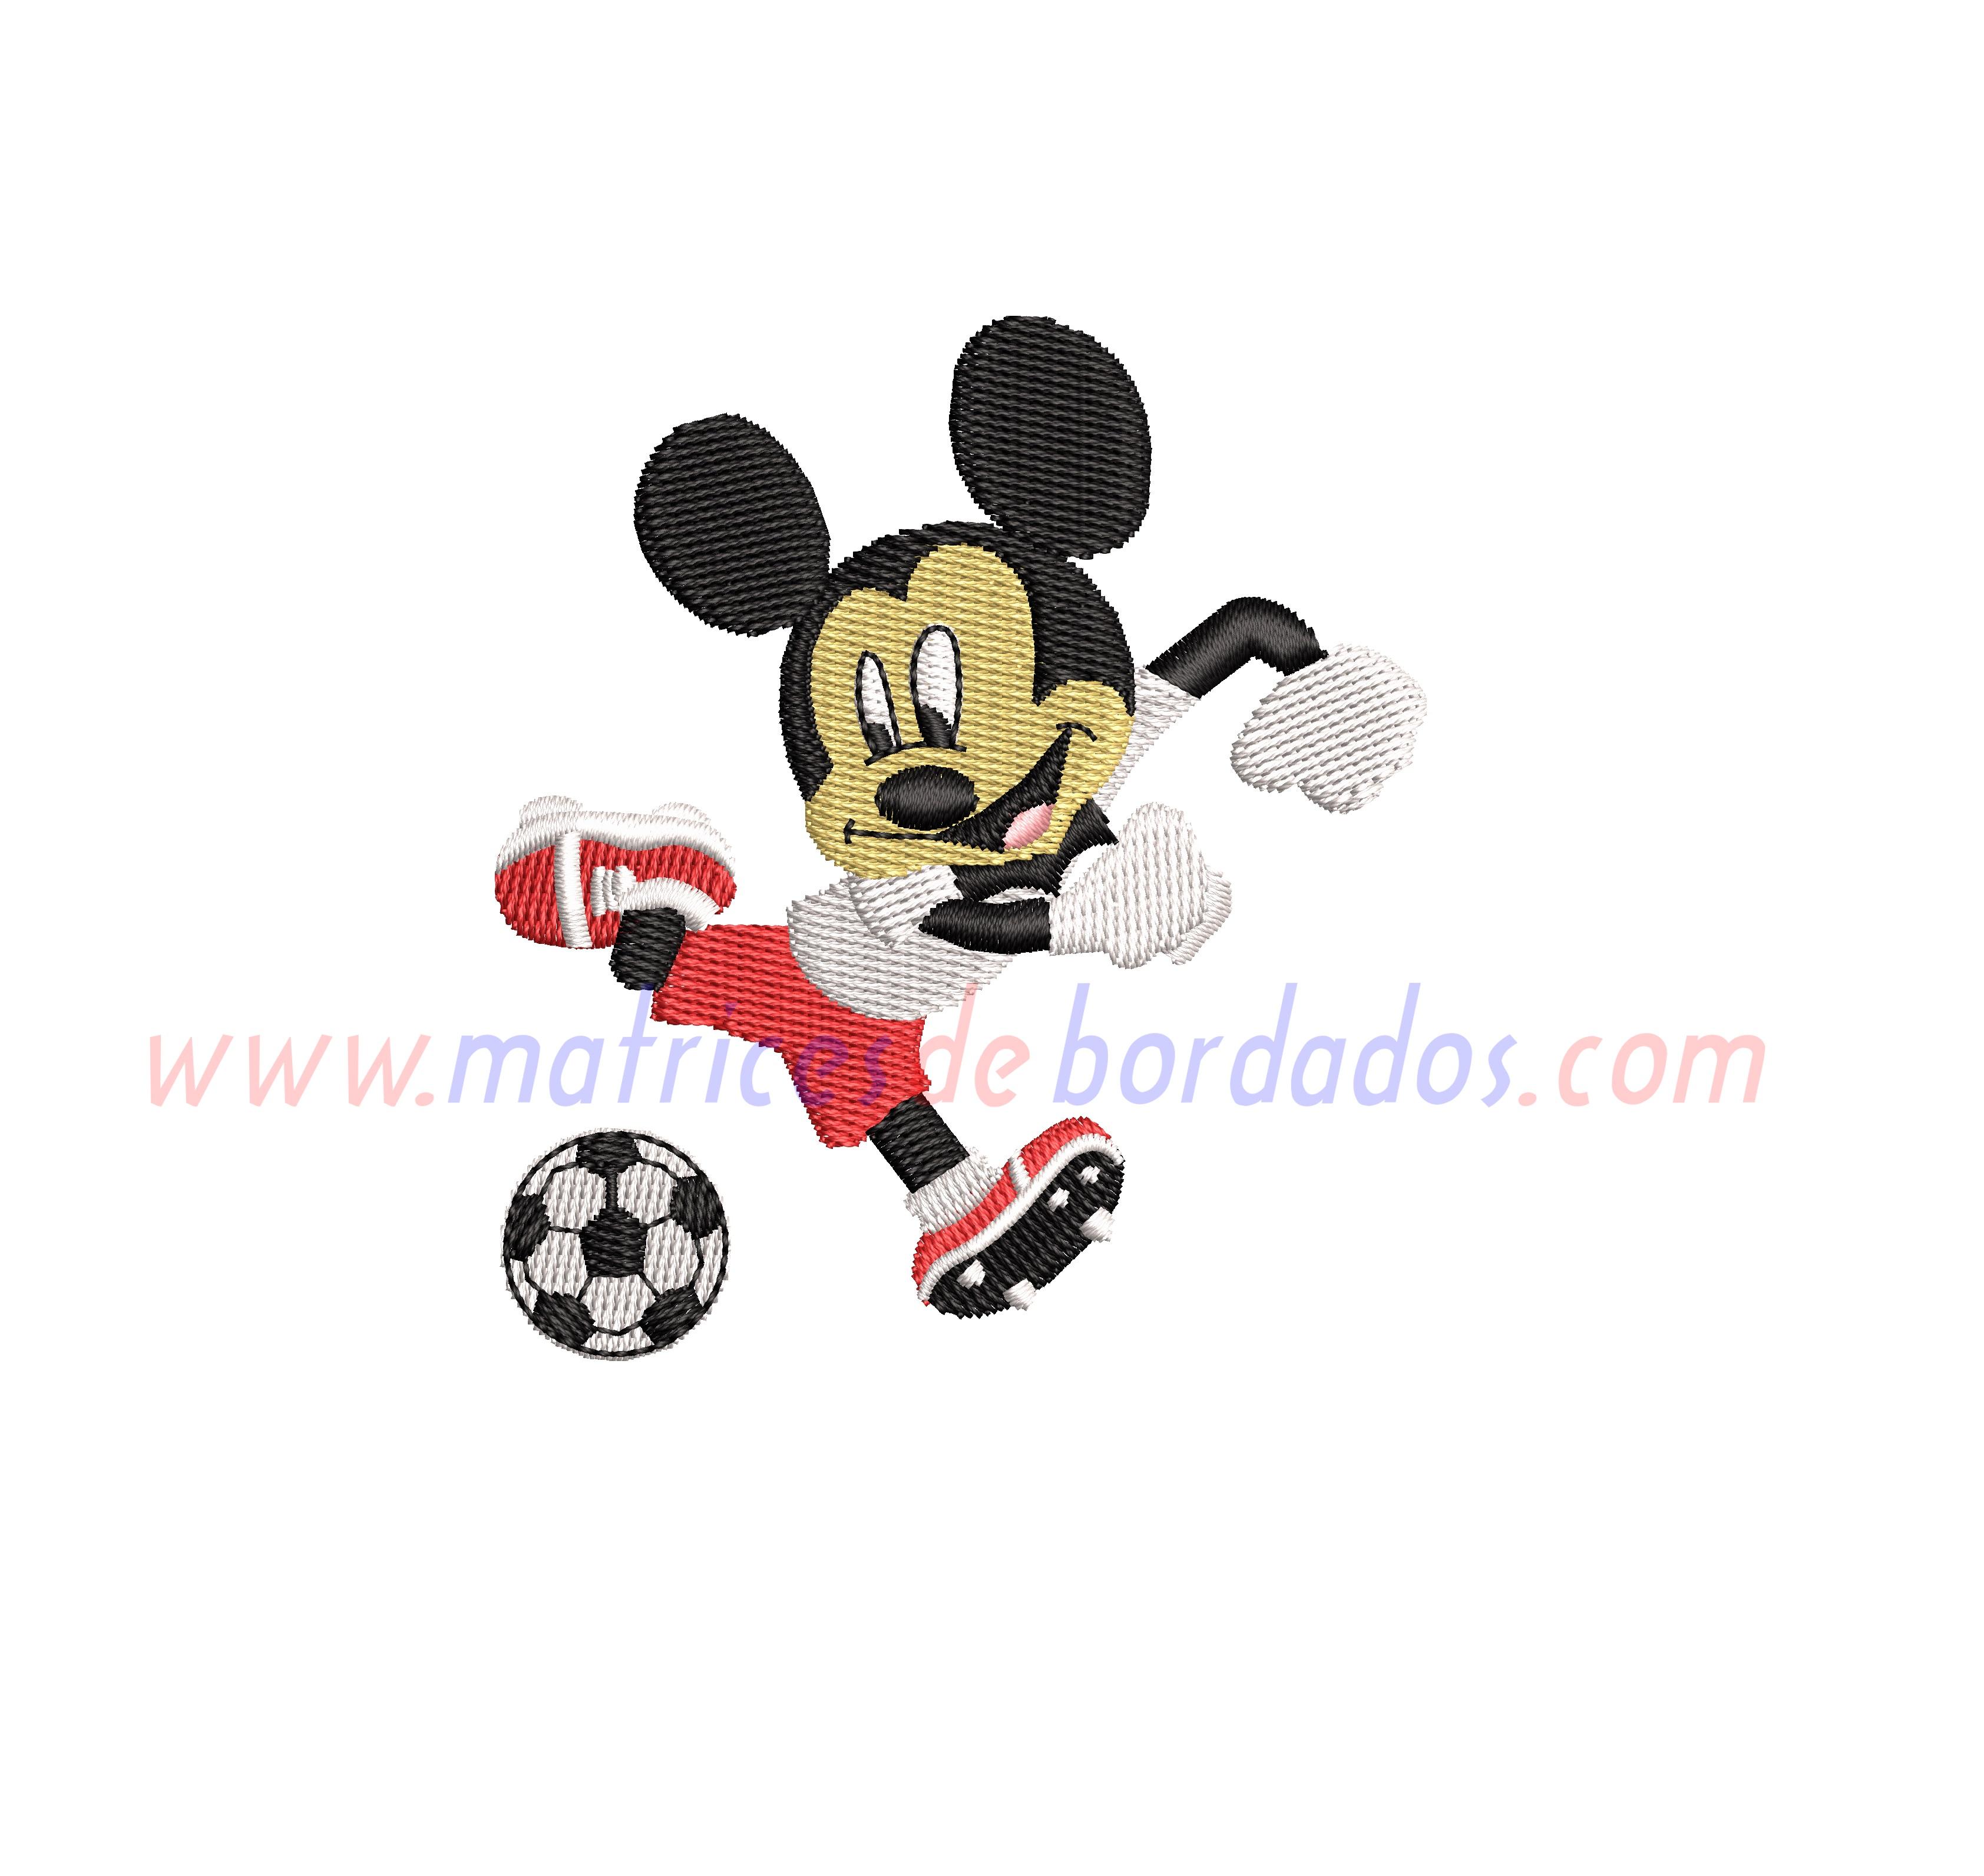 ZB28SH - Mickey fútbol